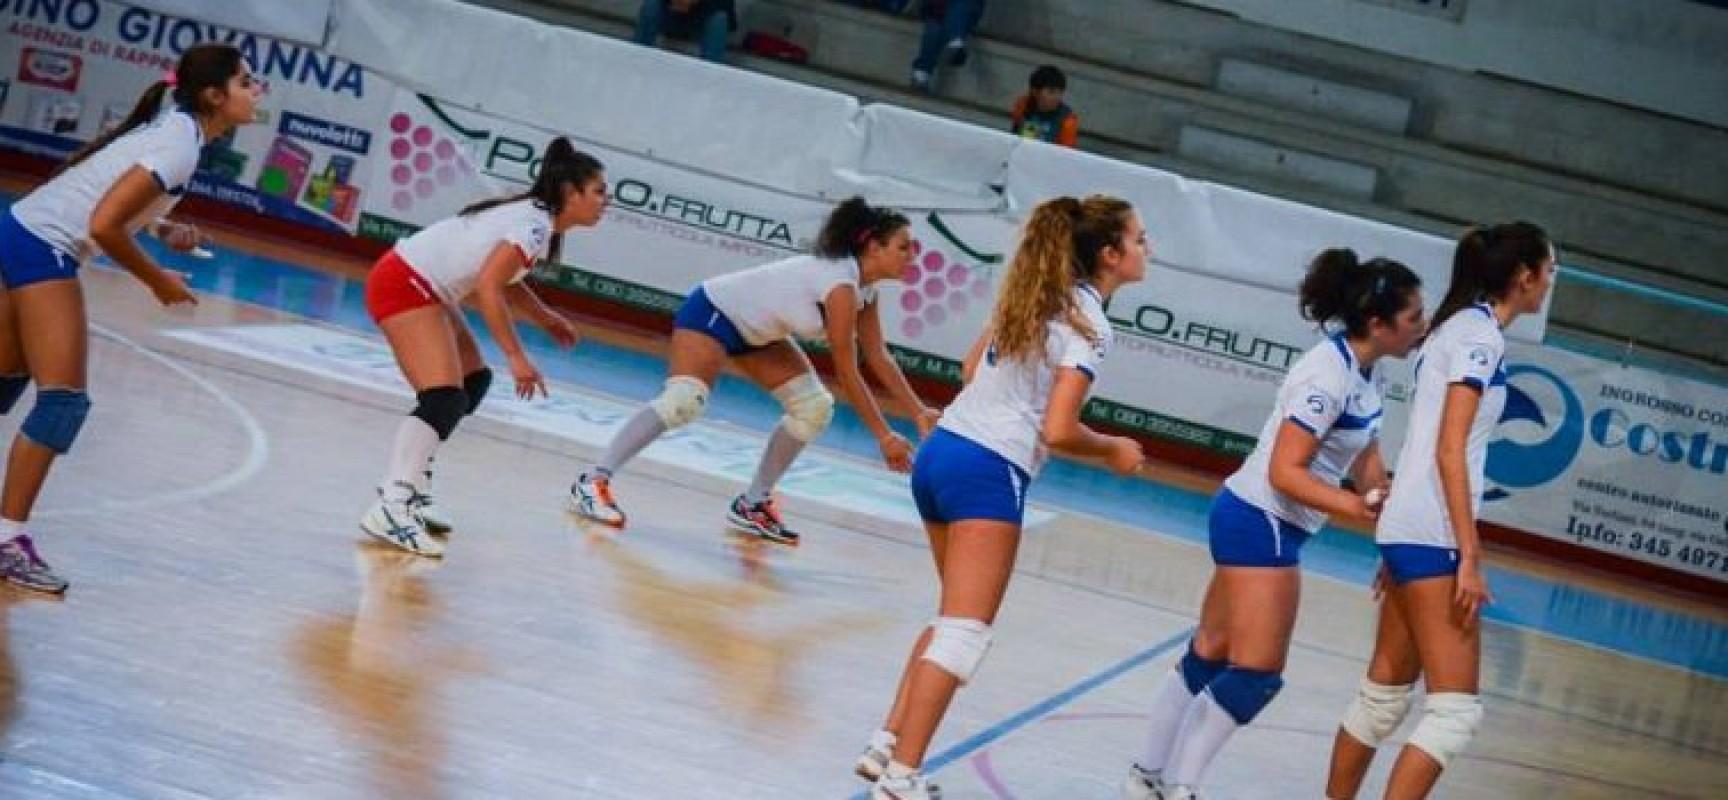 Volley: Sportilia ancora KO, sconfitta a Manfredonia per 3-0